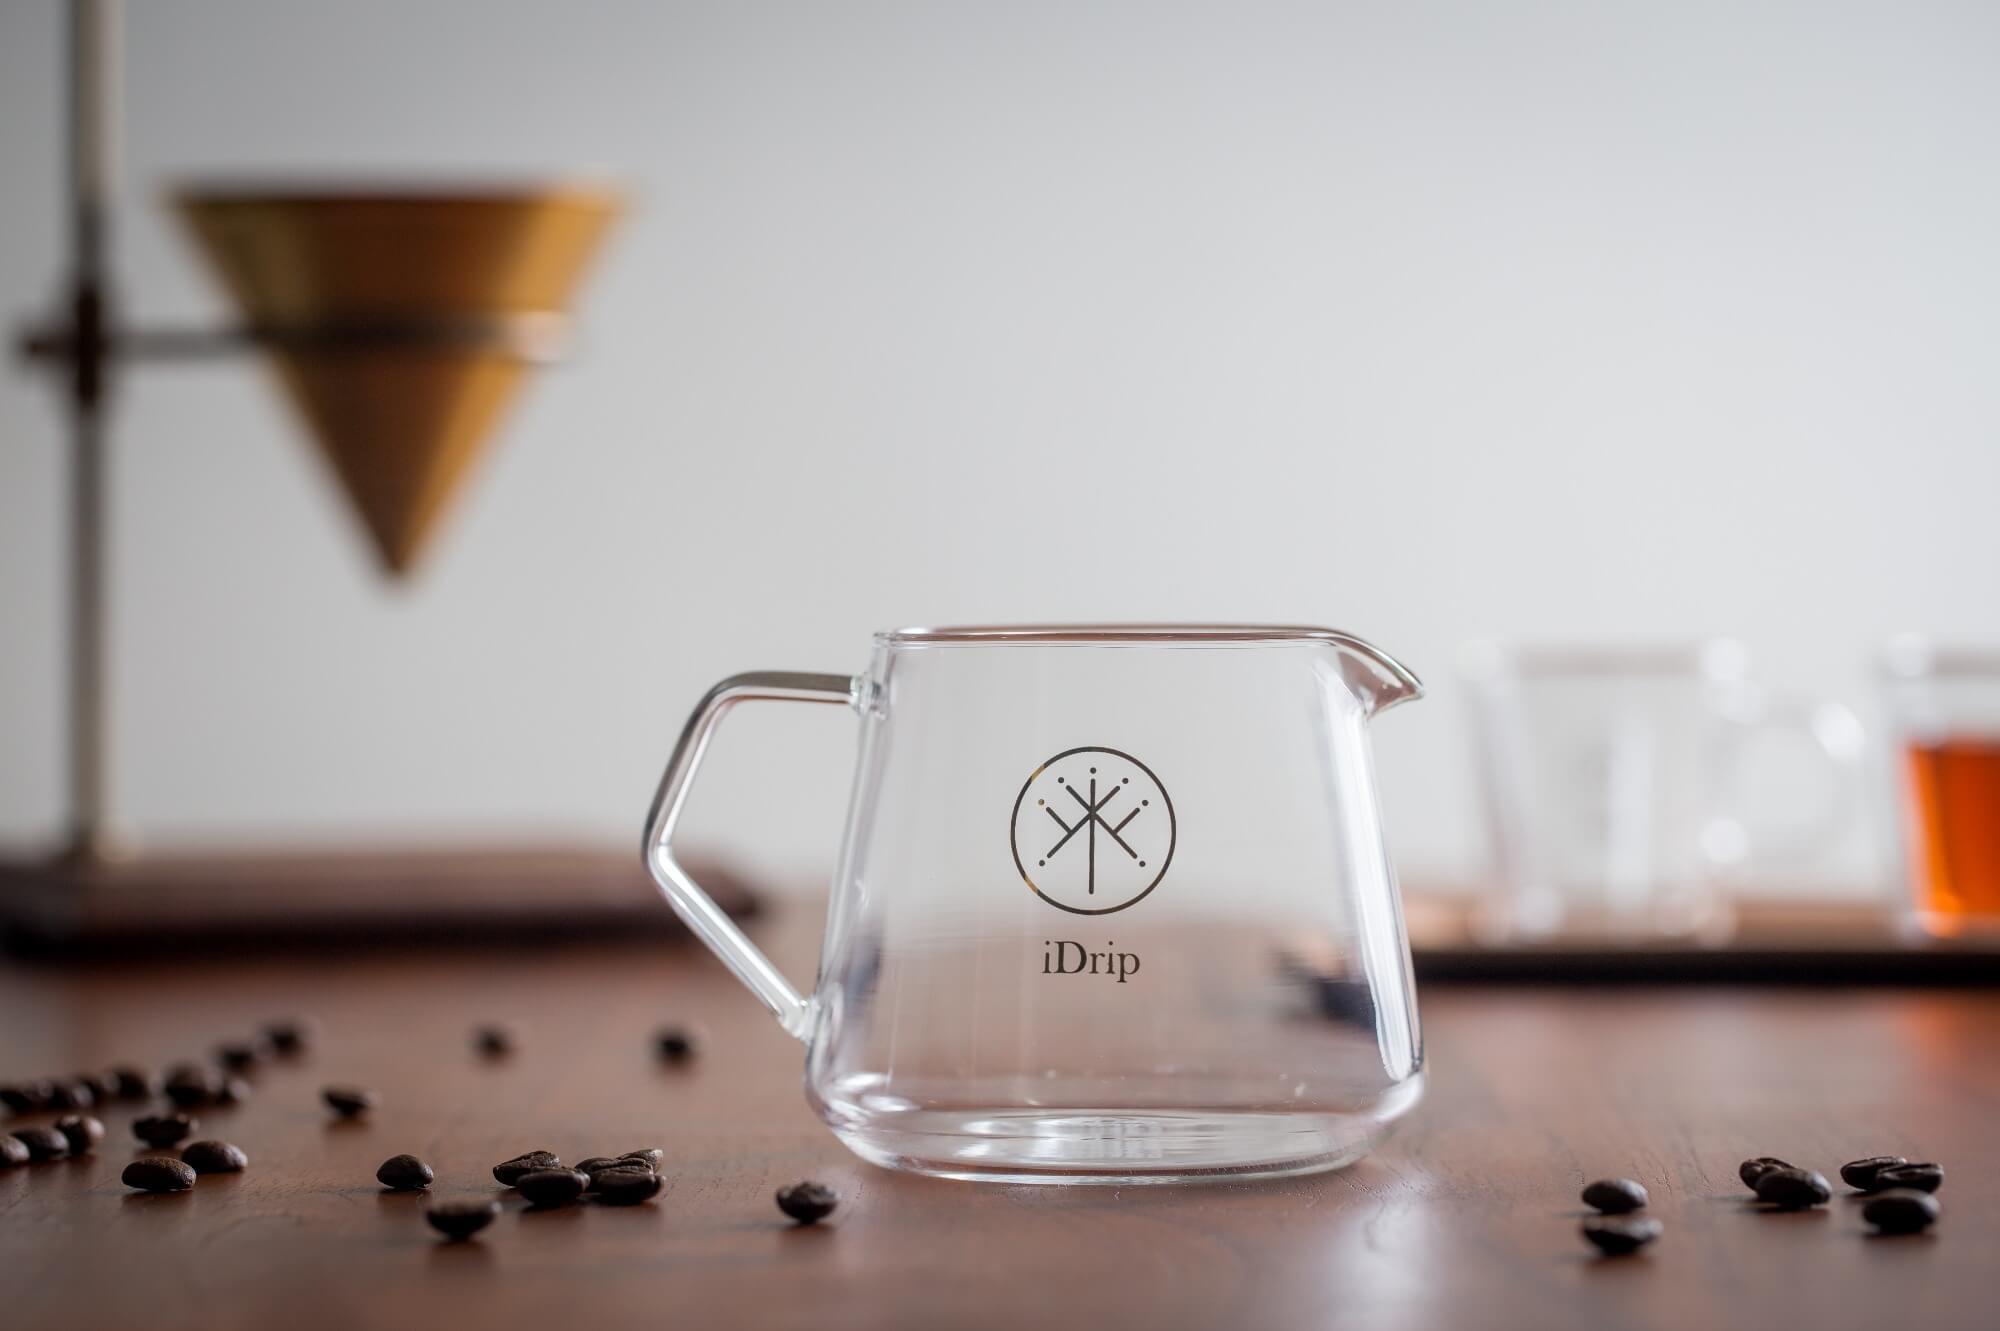 iDrip x KINTO精品咖啡分享壺